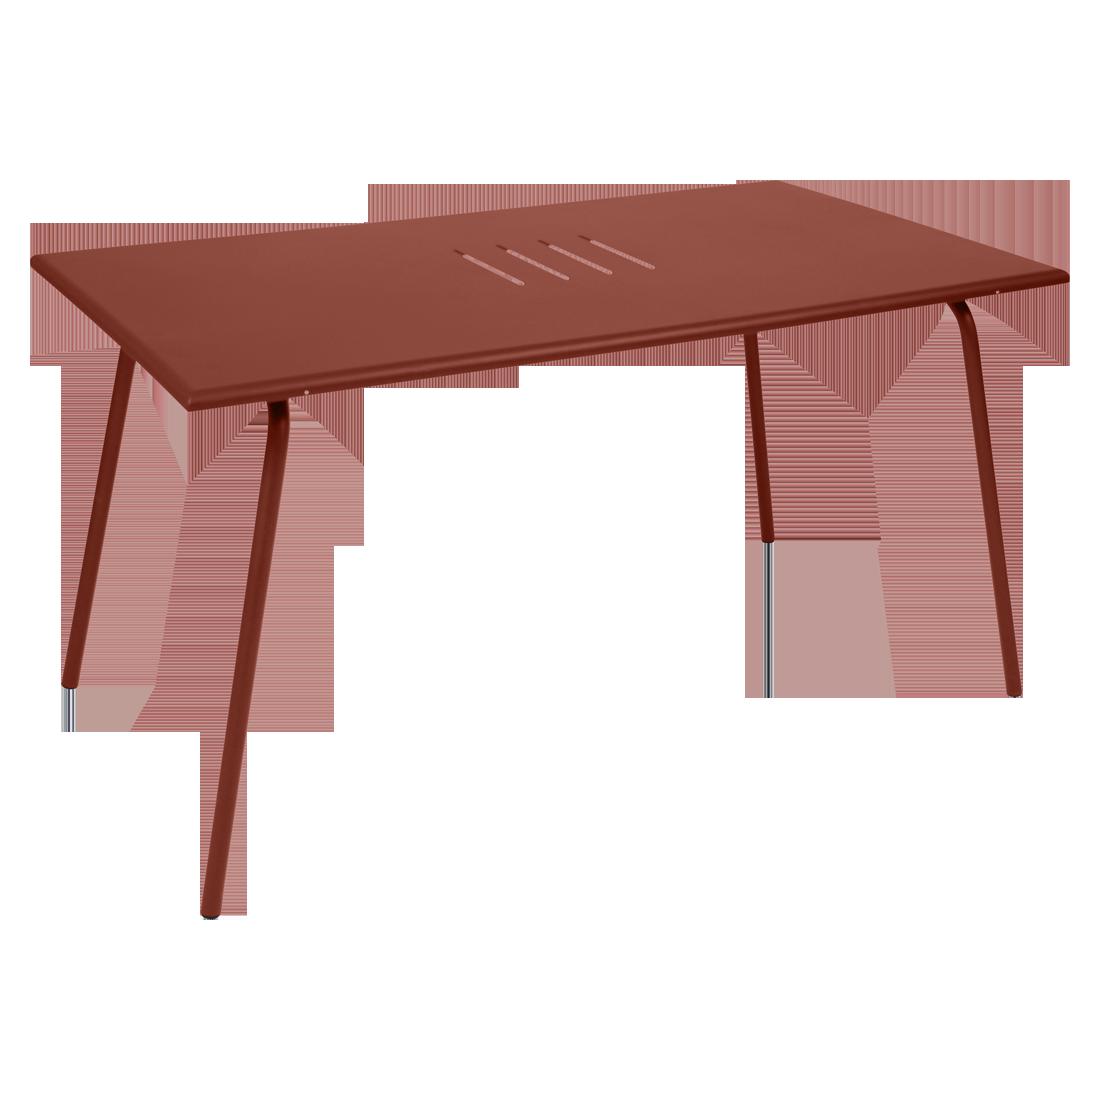 Table 146 x 80 cm monceau ocre rouge